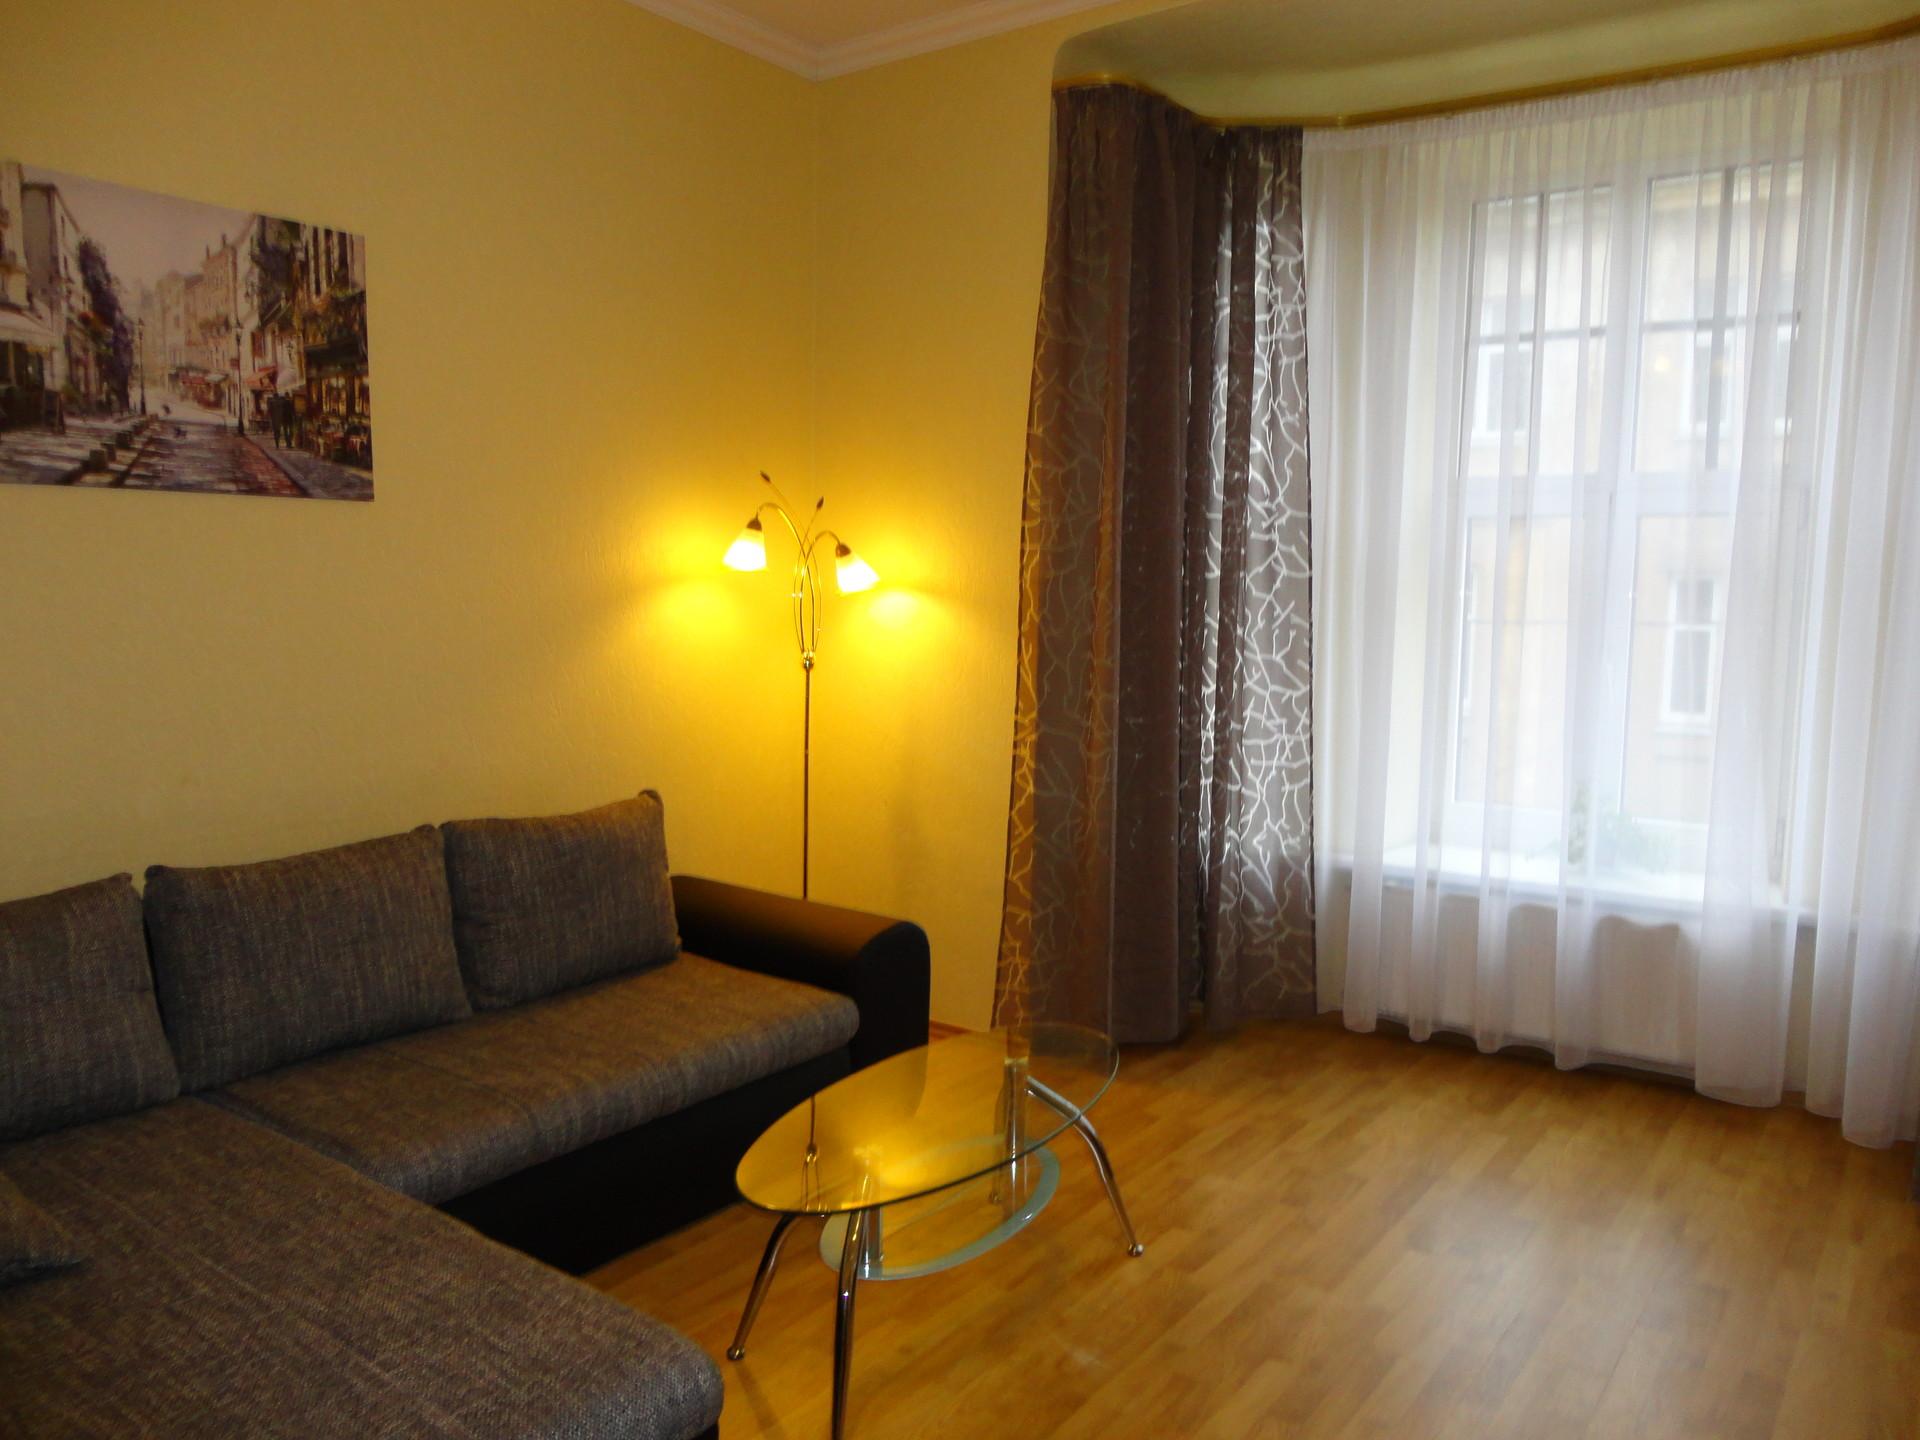 large-cozy-apartment-center-riga-92a5dcea671f7d0d7c7cc7e9ec995832